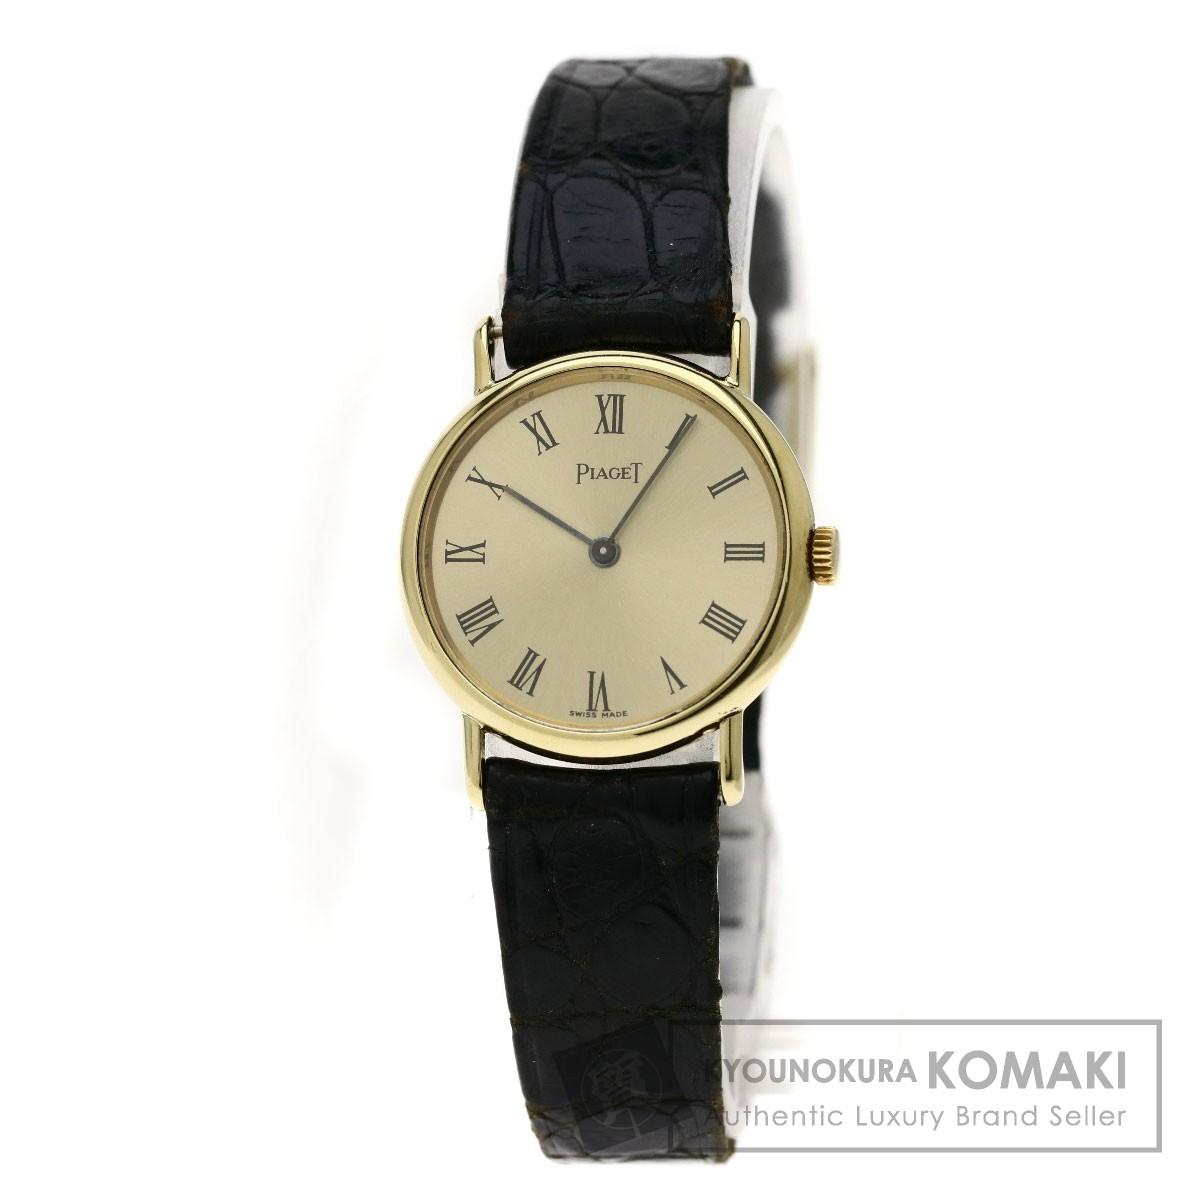 ピアジェ 8055 ラウンドフェイス 腕時計 K18イエローゴールド/アリゲーター レディース 【中古】【PIAGET】